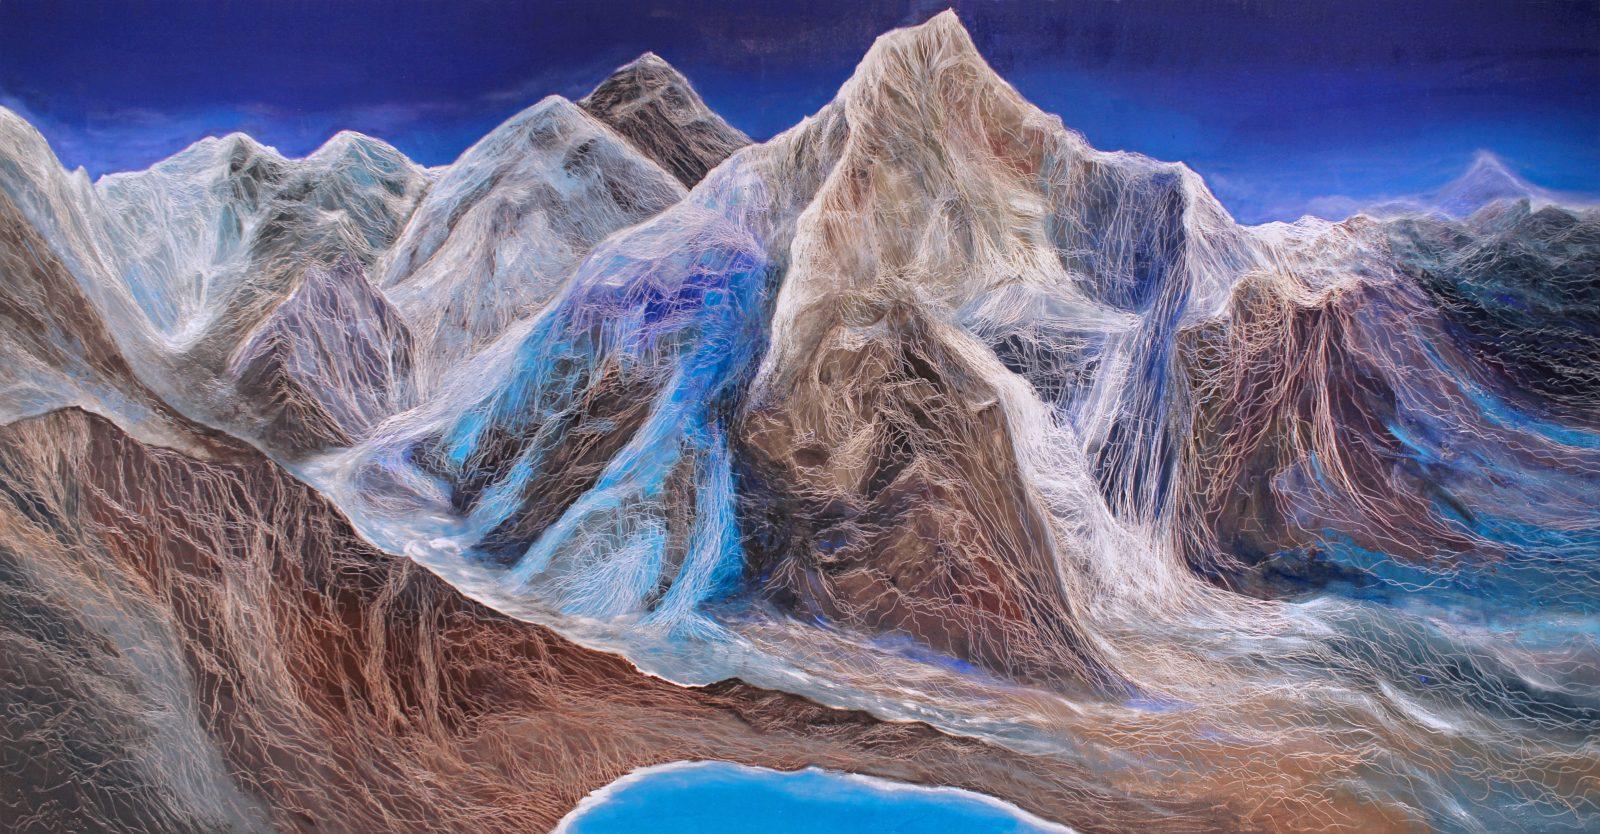 世界之頂, 198 x 388 cm, oil on canvas, 2014